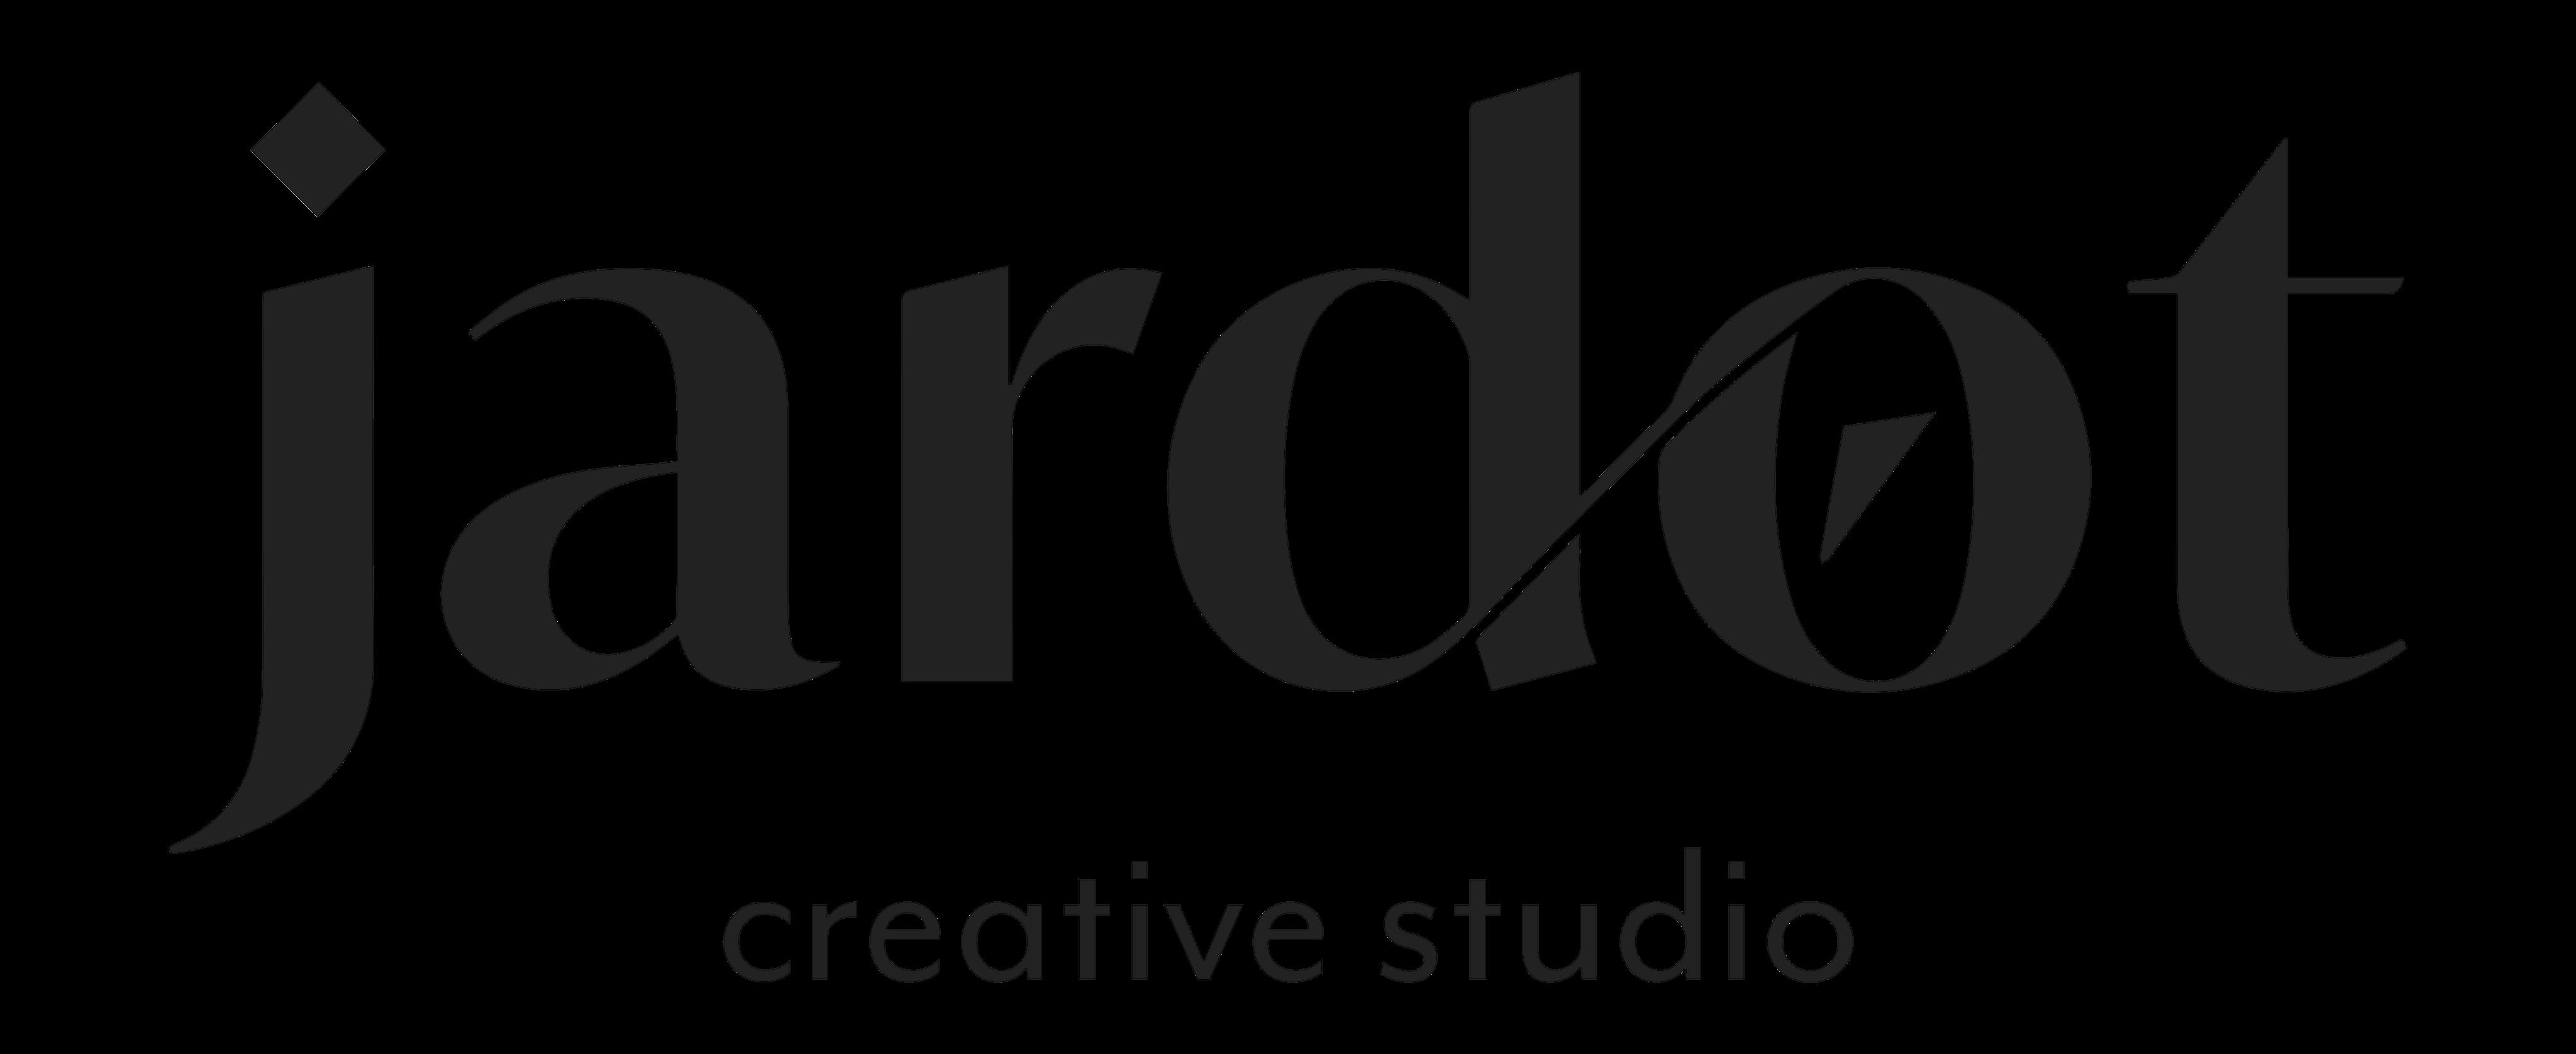 jardot logo